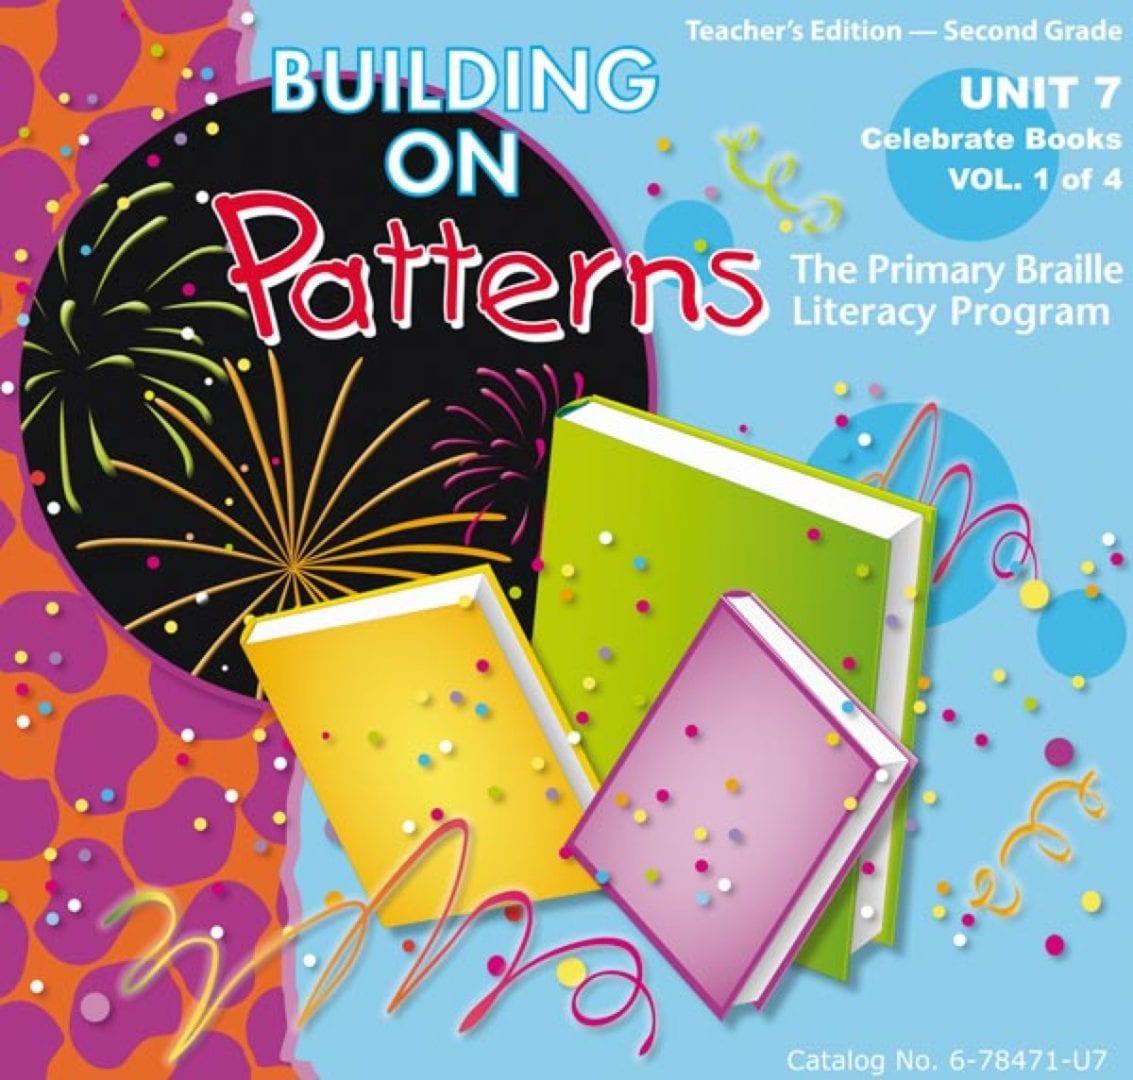 Unit 7 Teachers Edition Cover